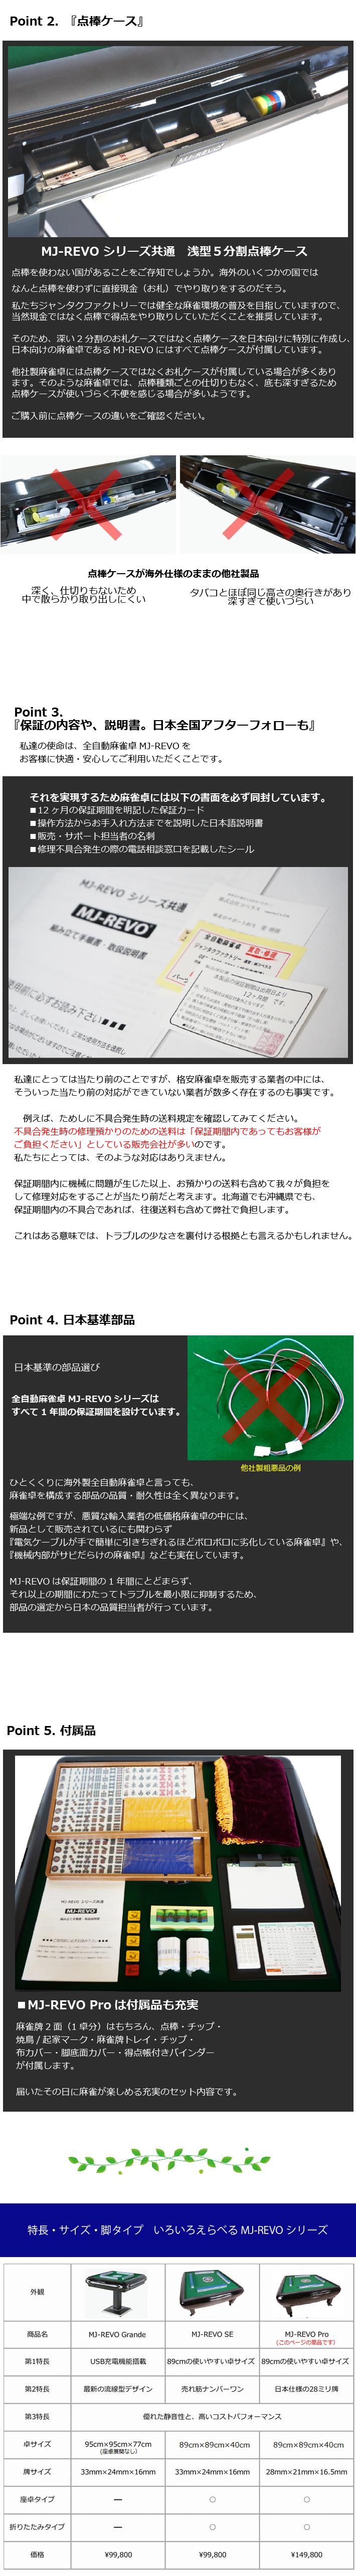 pro_zataku_picturepage3.jpg